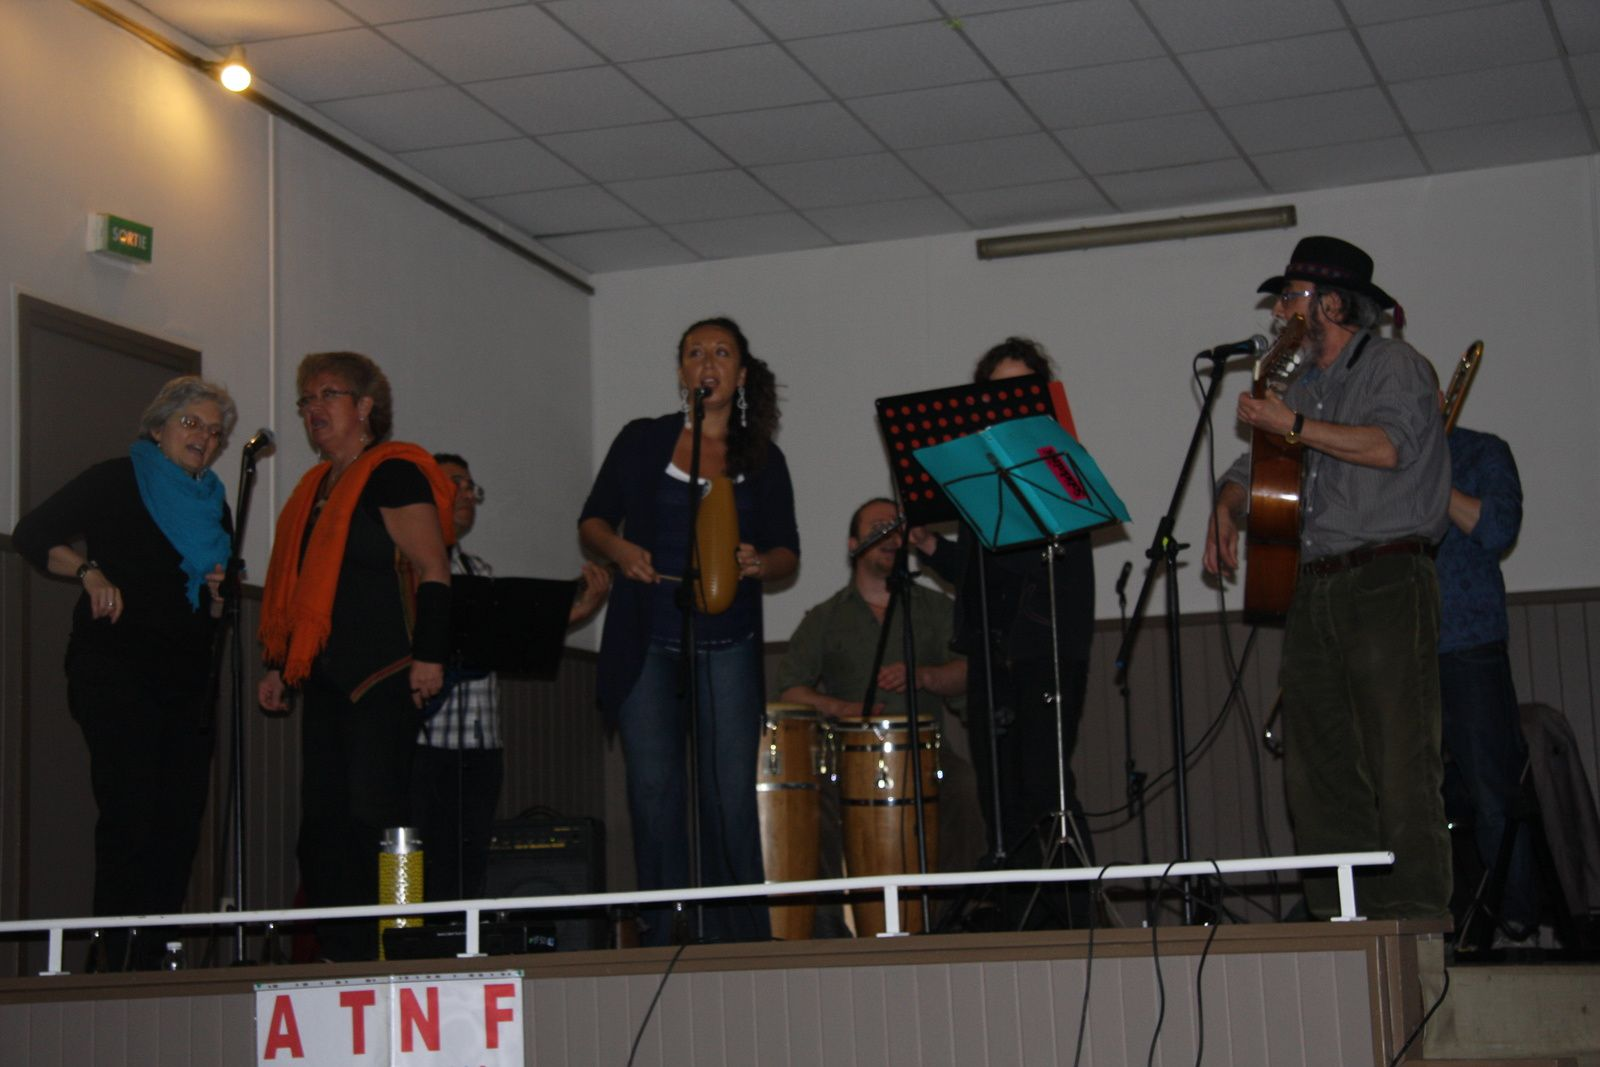 Gala interculturel avec la chanteuse Abir Nassraoui, Kamal Lmimouni et la troupe chilienne Cordillera. Le public était au rendez-vous.